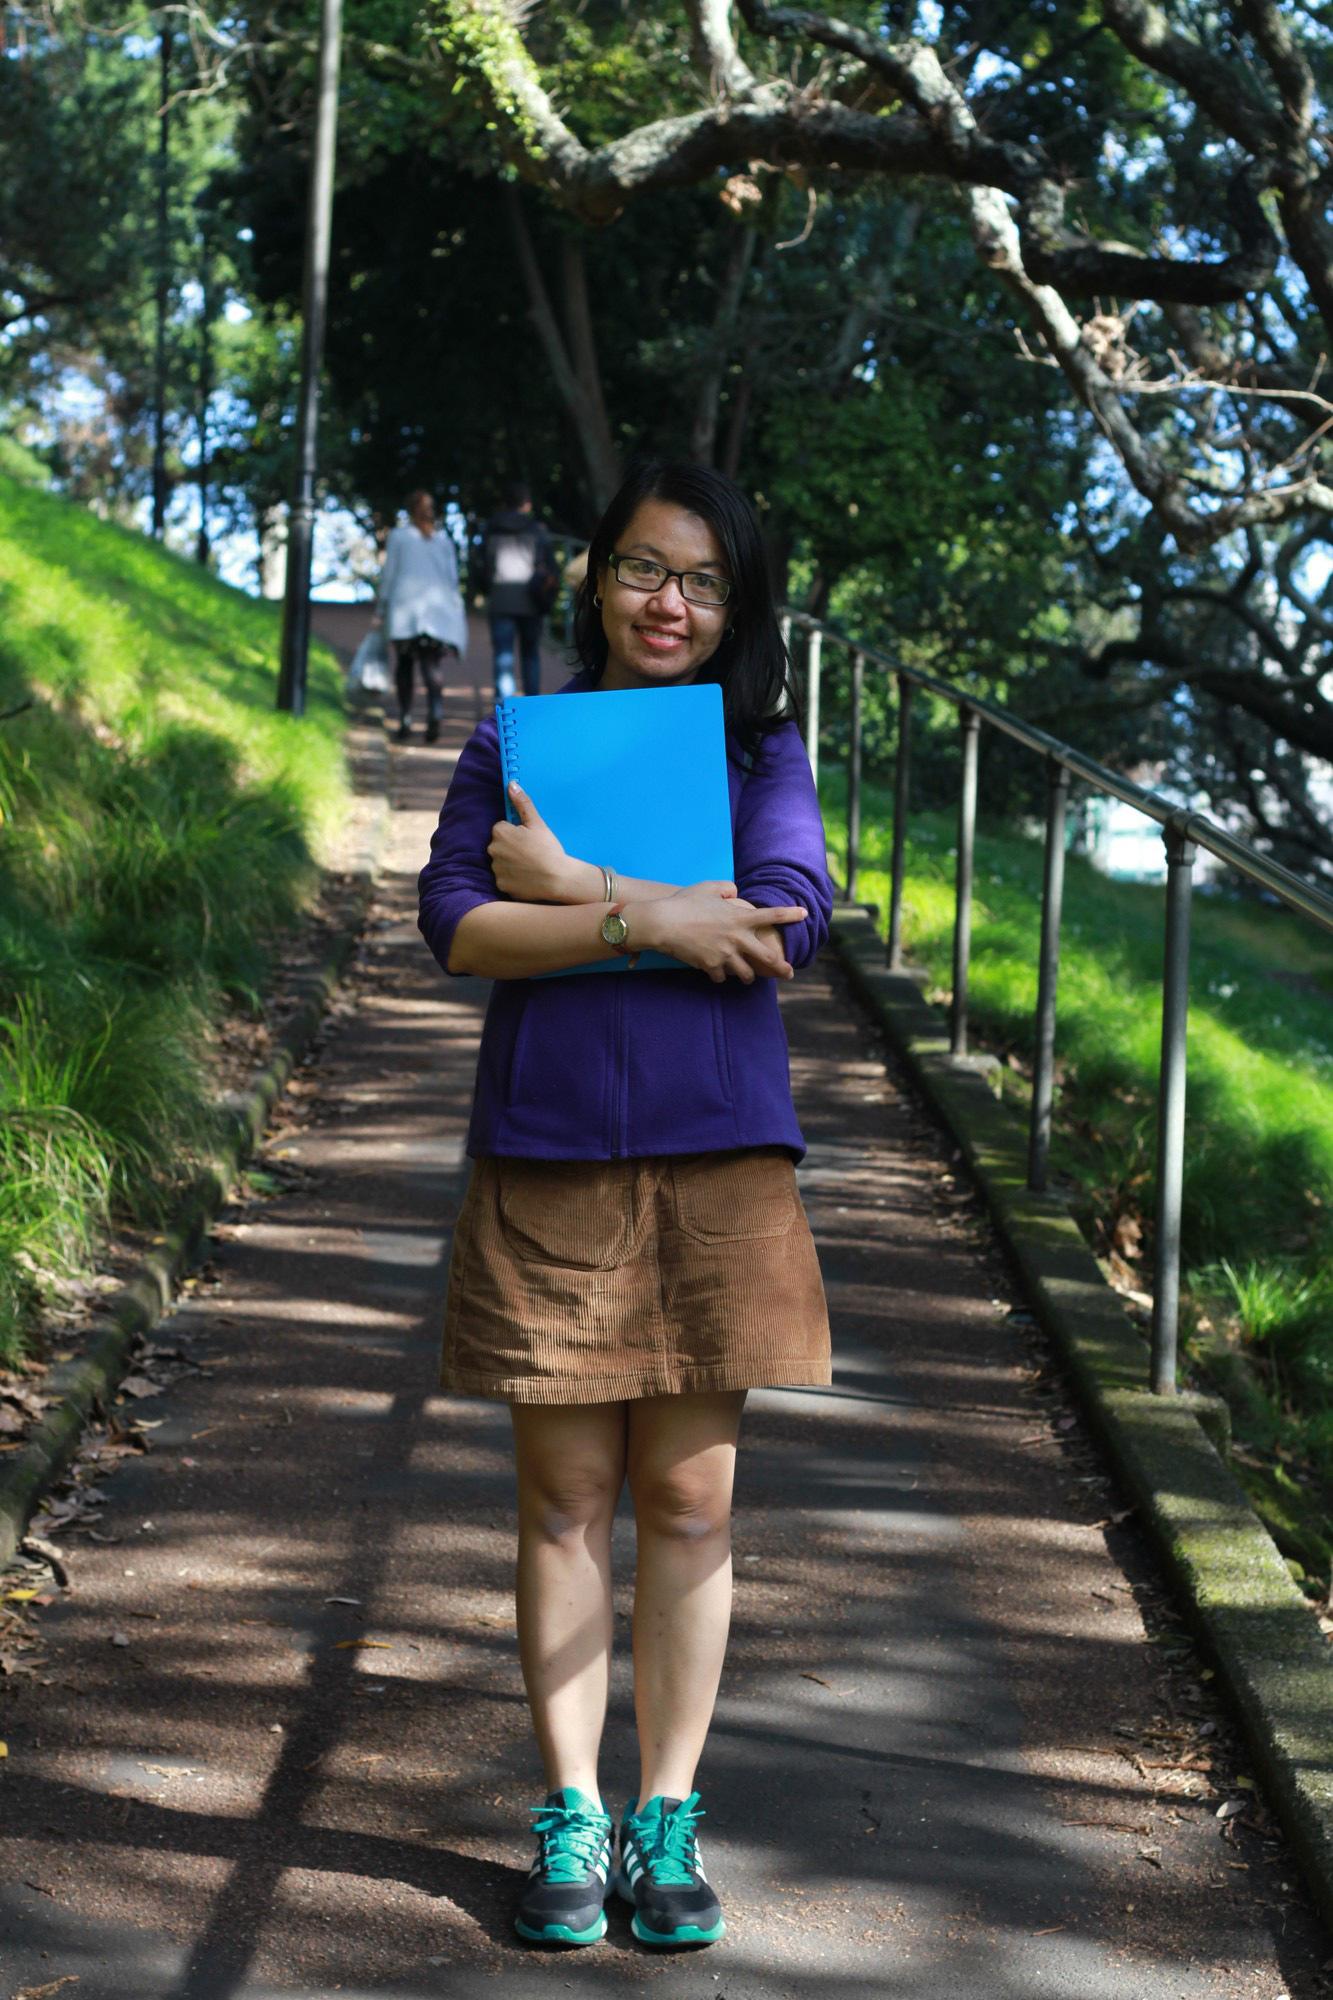 Cô gái từng trượt đến 9 lần chia sẻ về bí quyết săn học bổng du học - Ảnh 1.